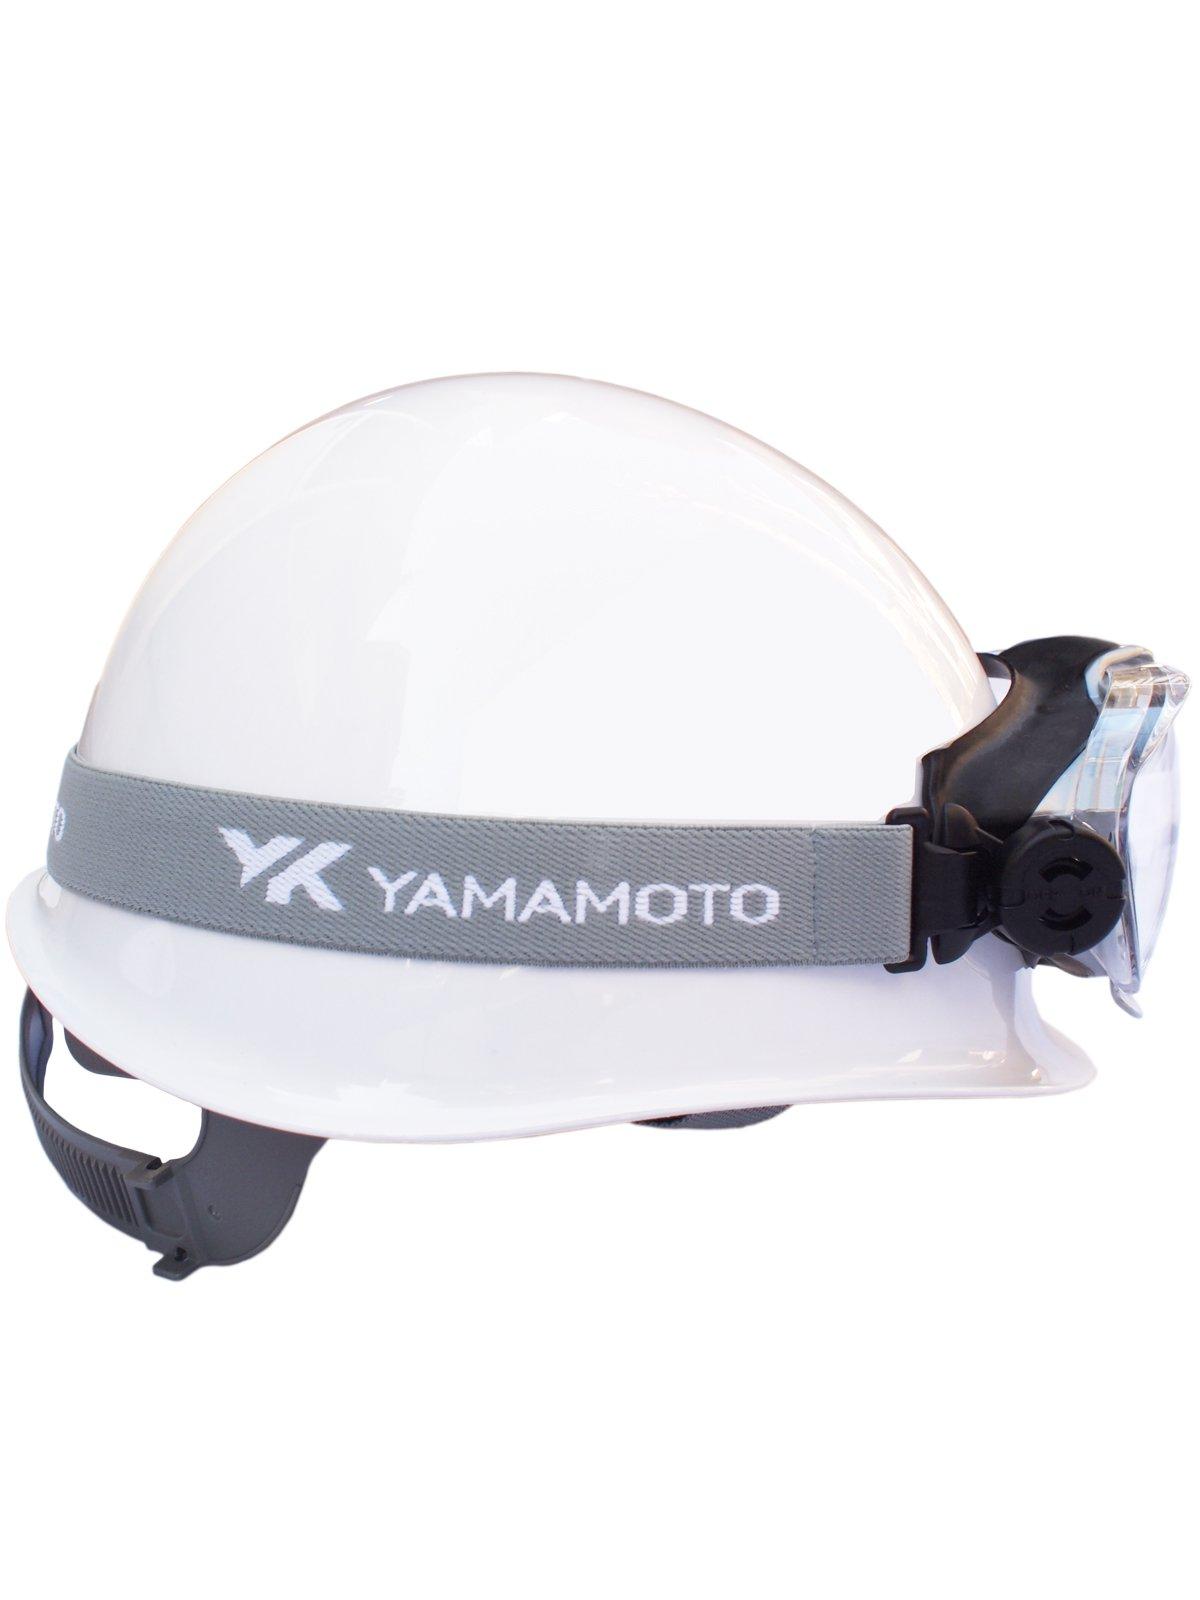 YG-6000消防ゴーグル【画像4】